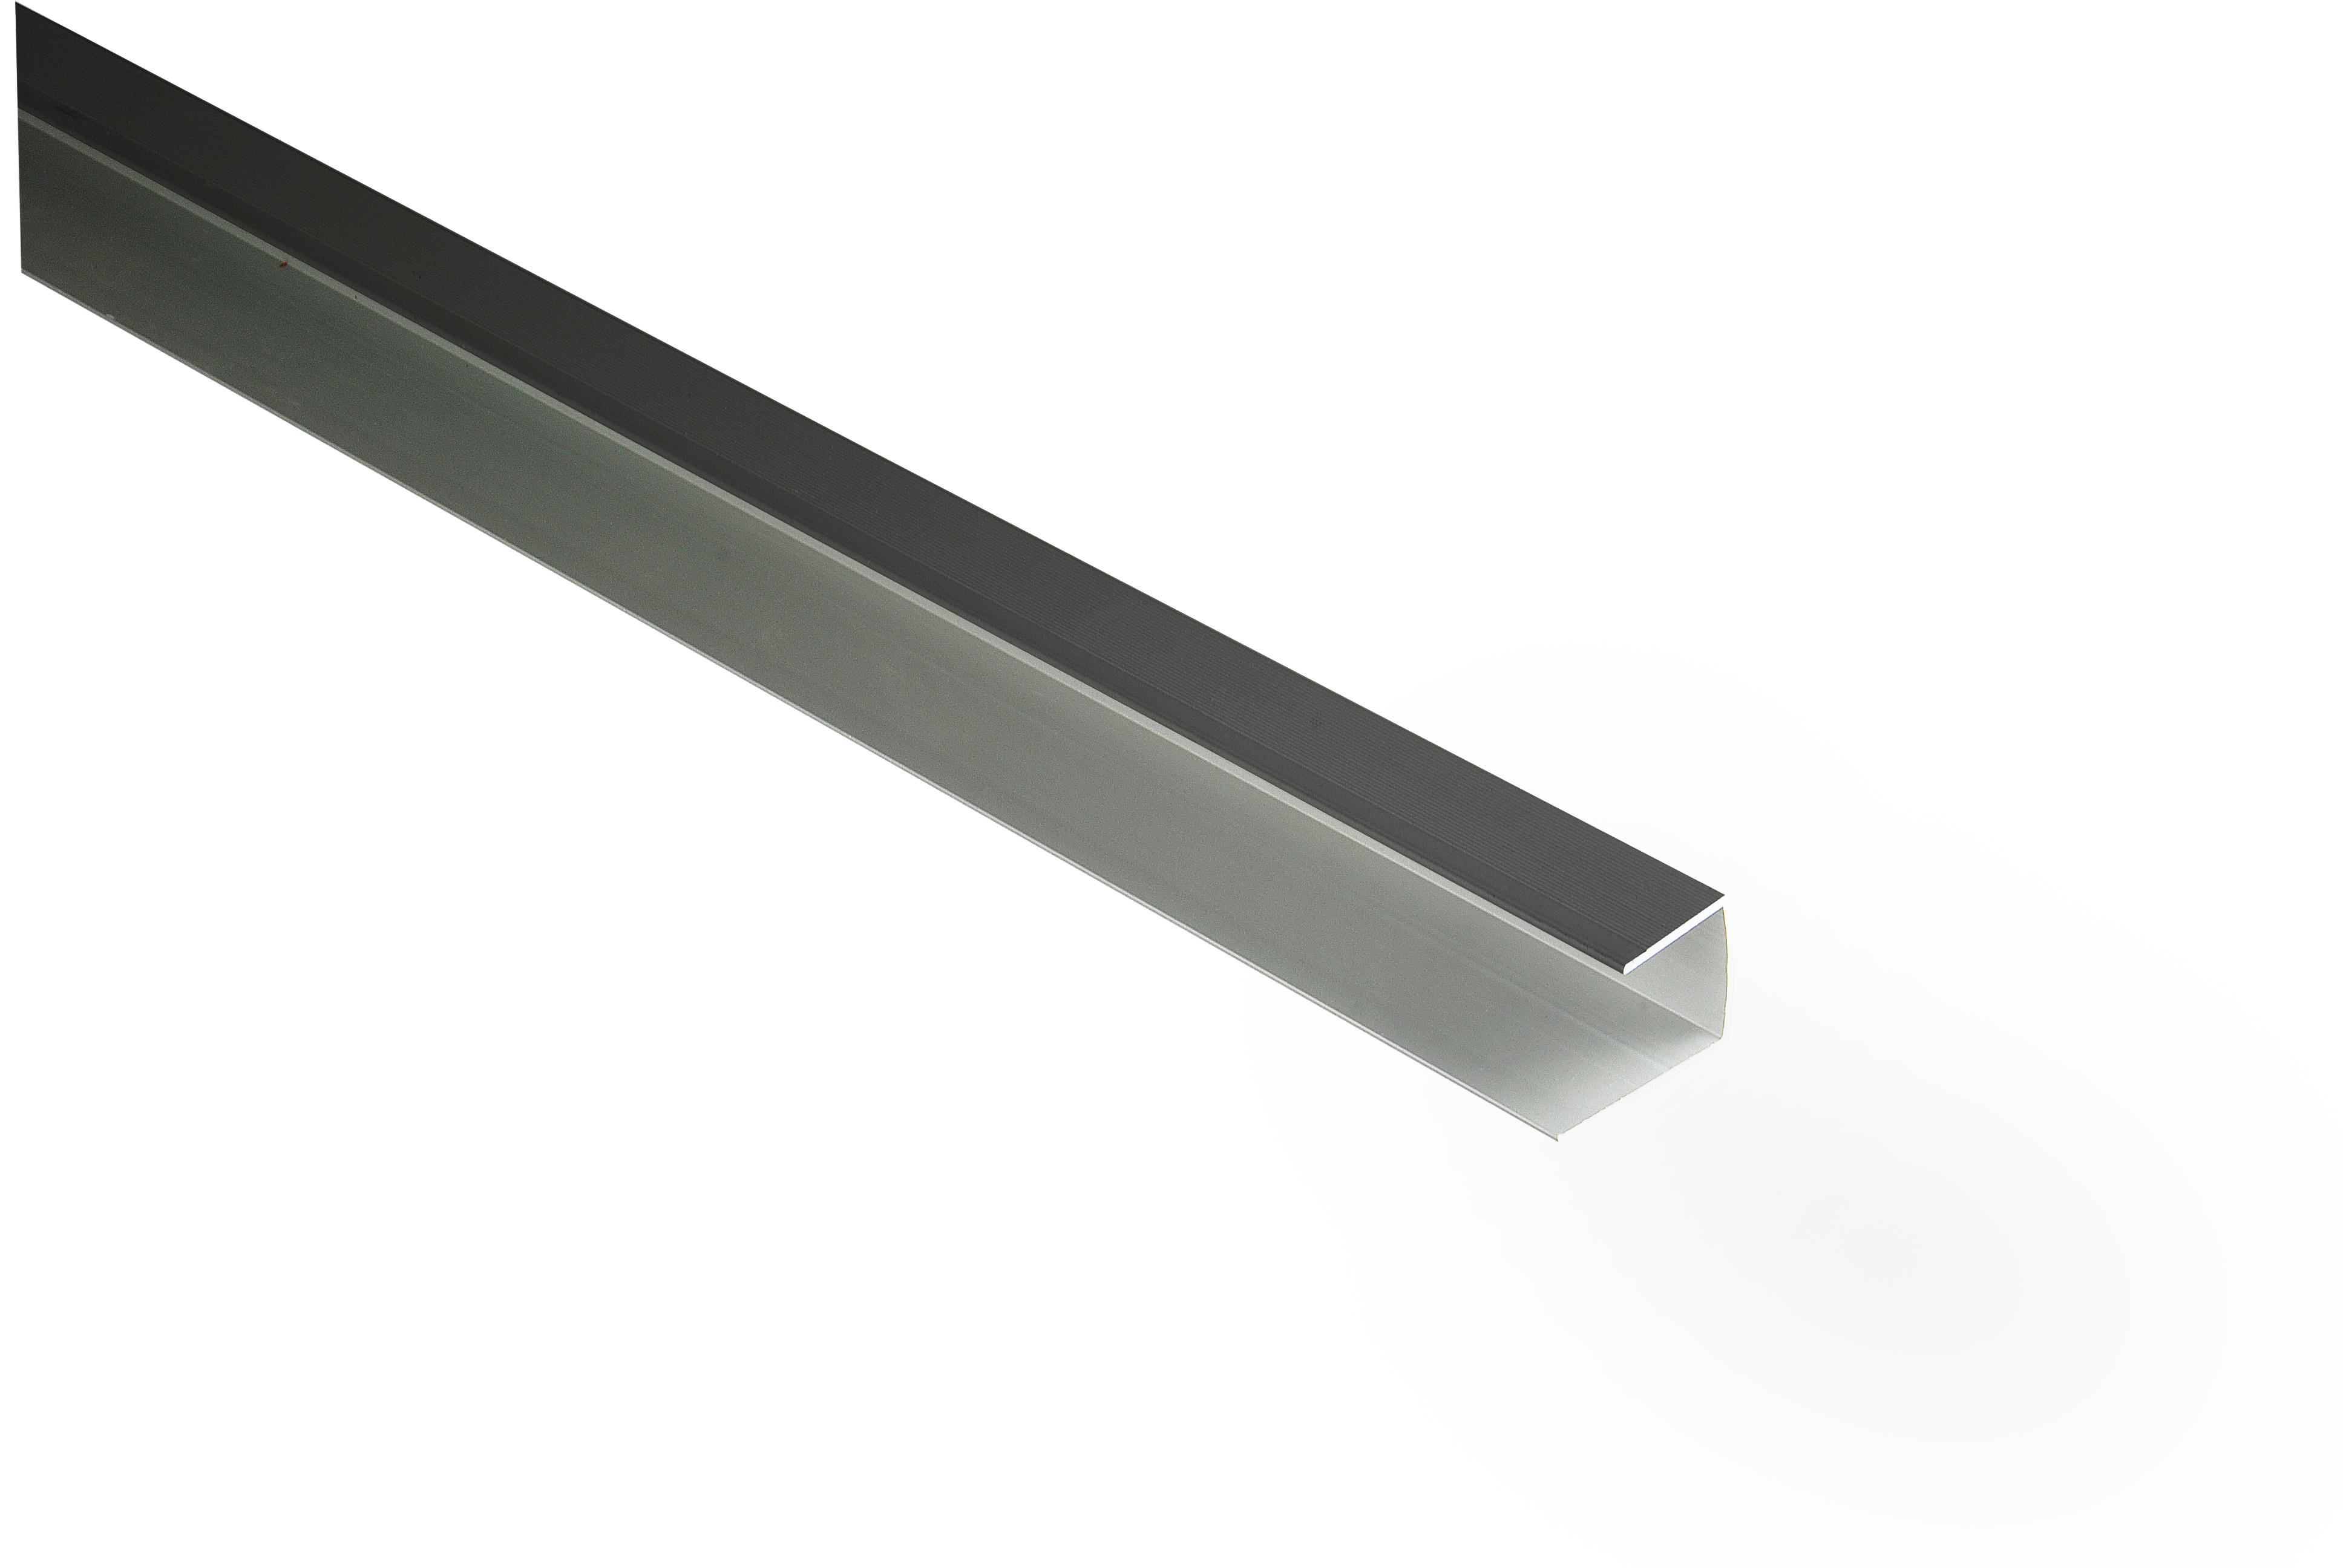 Kovalex Aluminium-Einfassprofil (U-Profil) für 26 mm Dielen - Farbe: Anthrazit